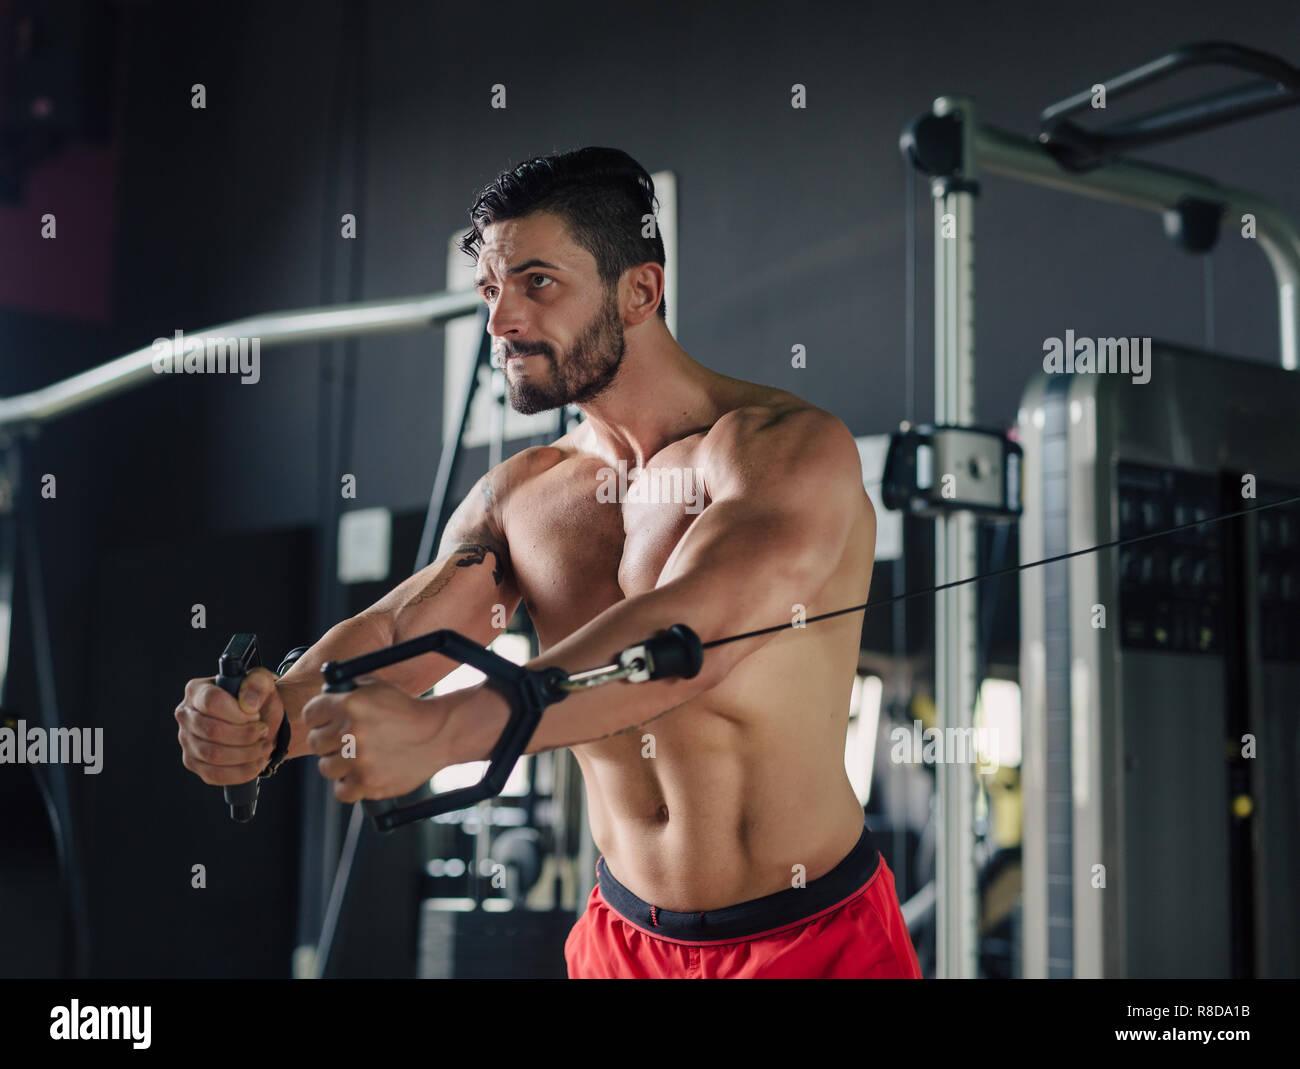 Hombre Fuerte en el gimnasio haciendo ejercicios de pecho Imagen De Stock